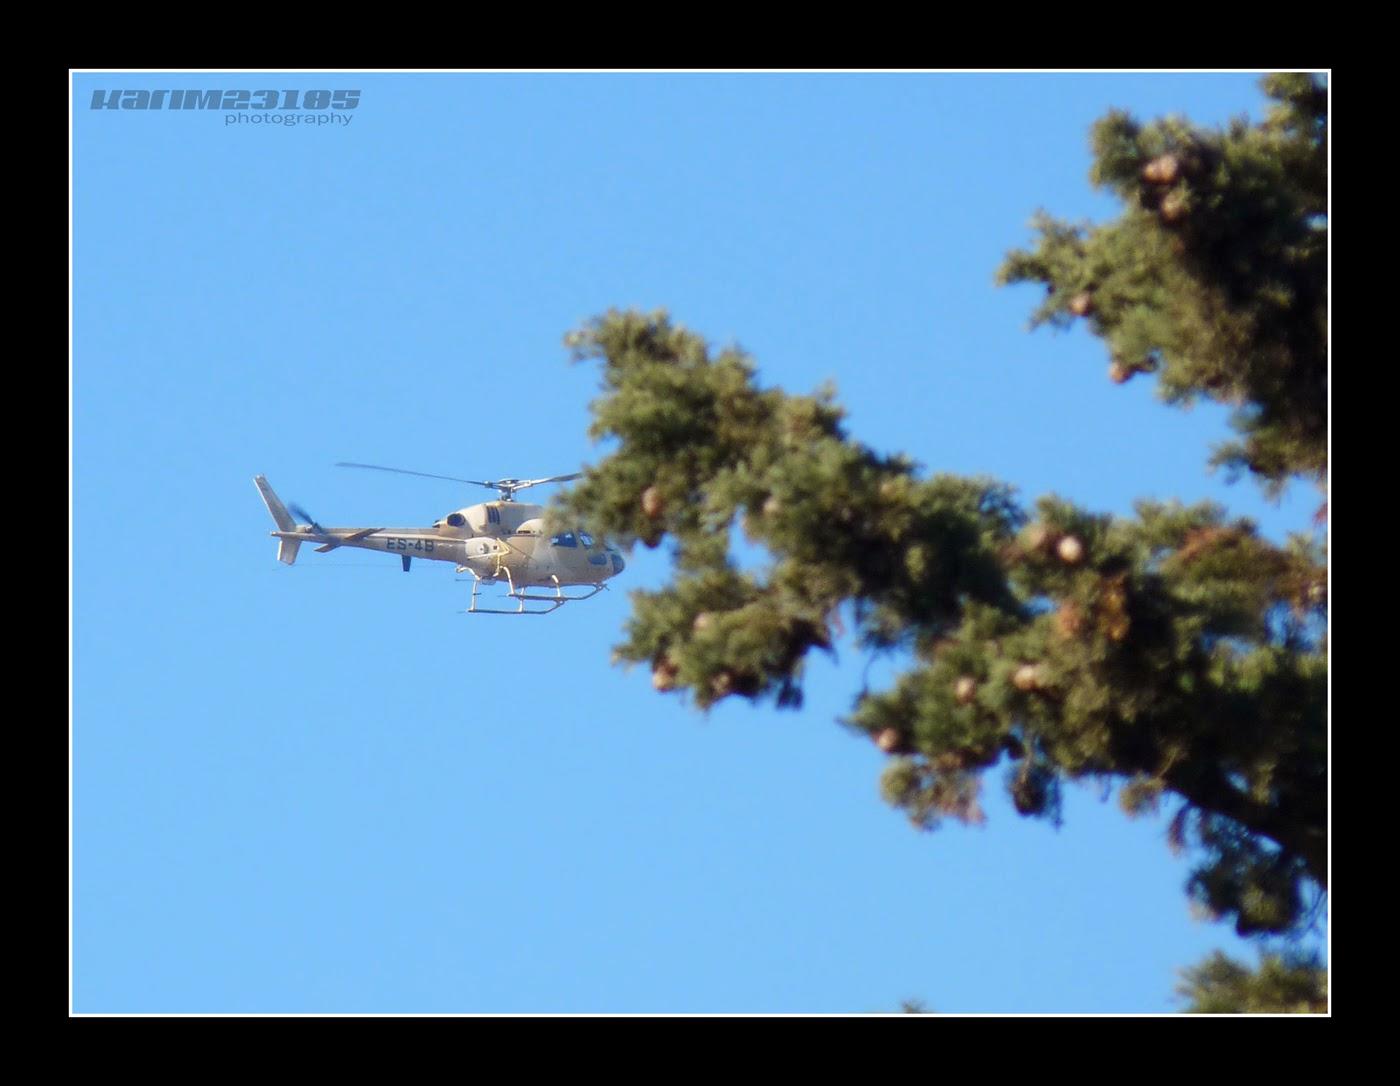 صور مروحيات القوات الجوية الجزائرية Ecureuil/Fennec ] AS-355N2 / AS-555N ] - صفحة 3 P1020153